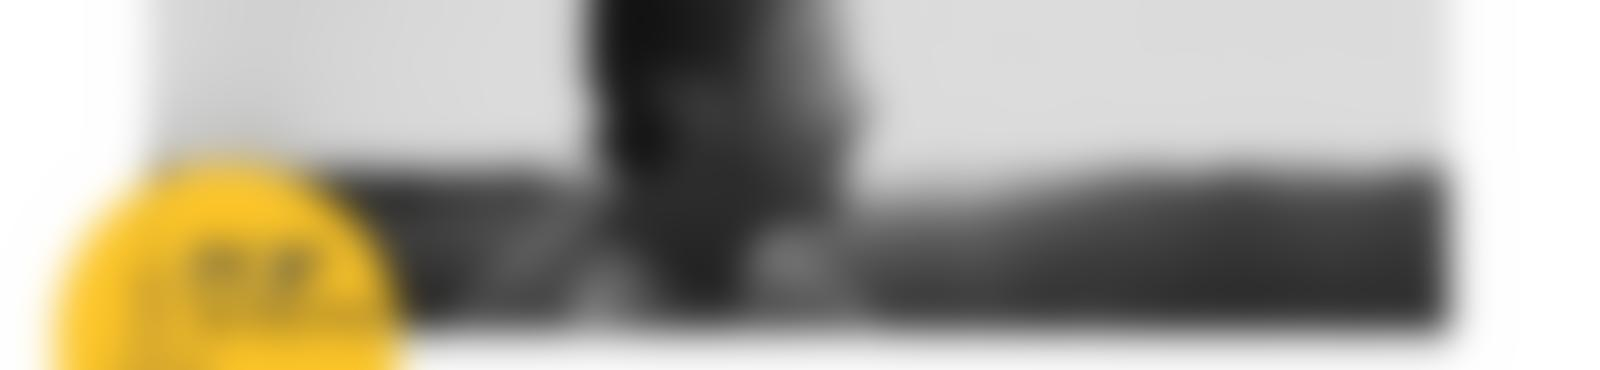 Blurred 8e6fd88c 4448 4a7b 8522 b1387c804617